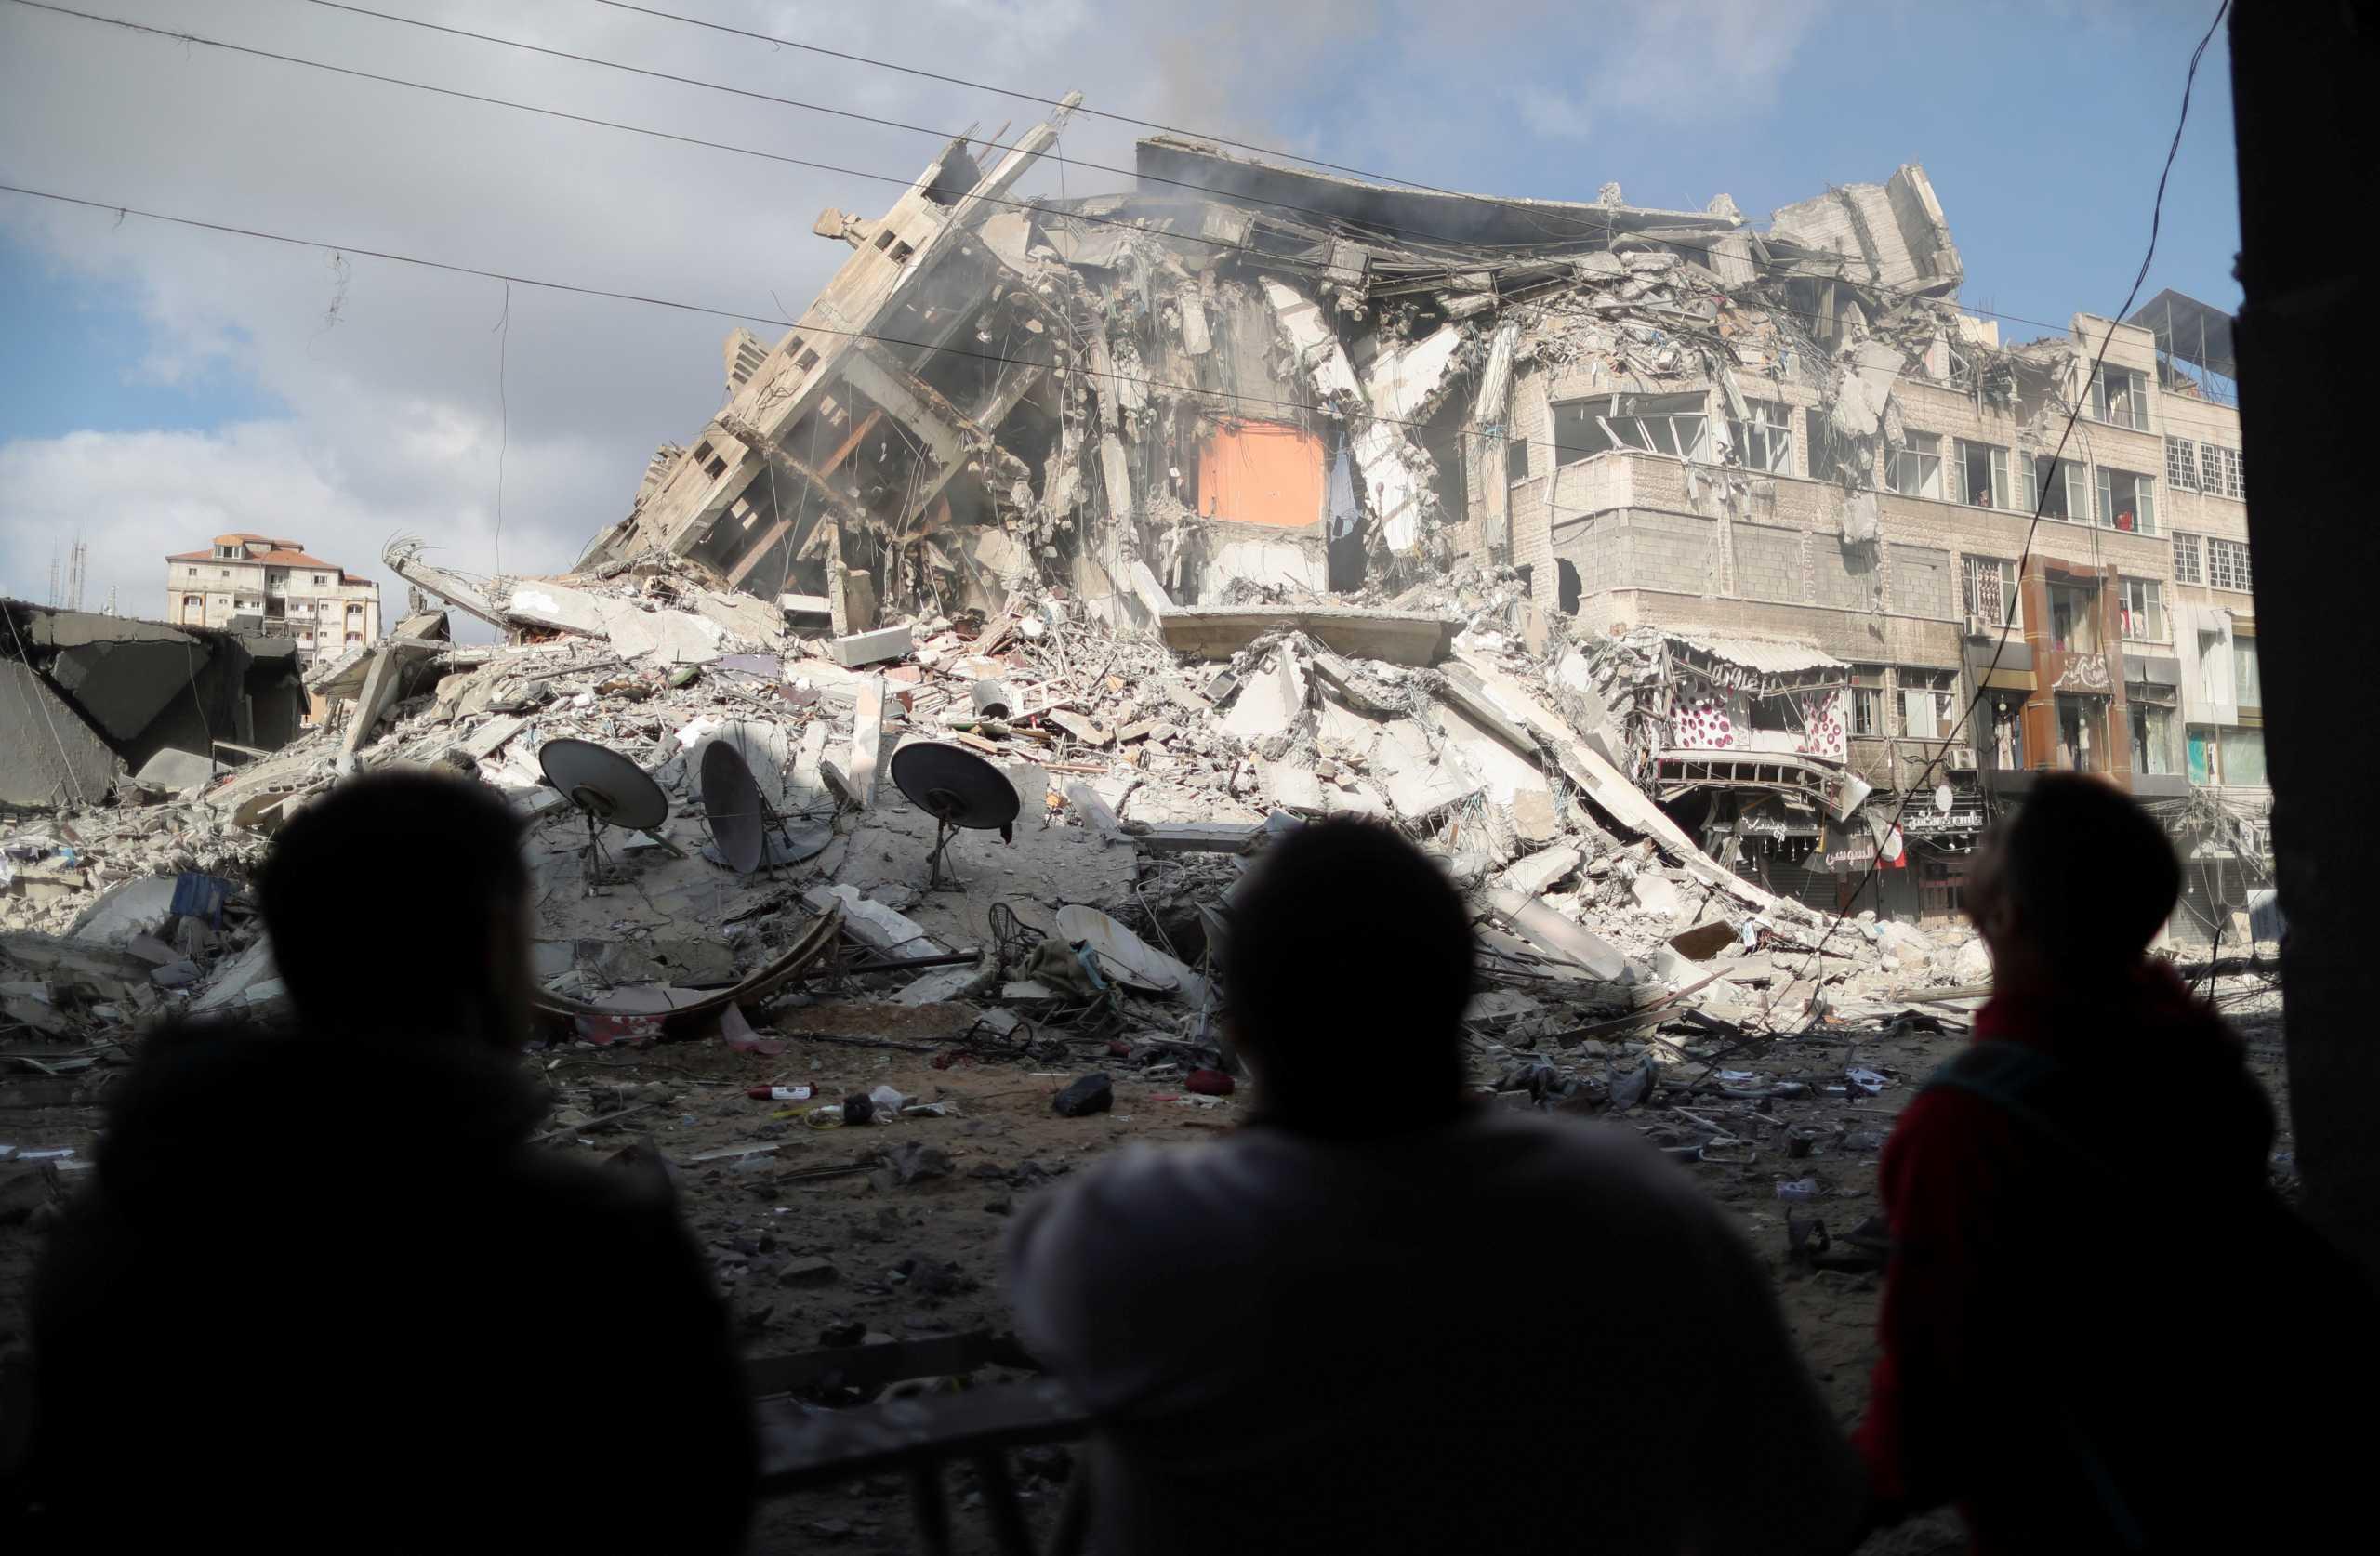 Μέση Ανατολή: Σοκ με το λιντσάρισμα άνδρα στο Τελ Αβίβ – Κατέρρευσε κτίριο στη Γάζα (video)